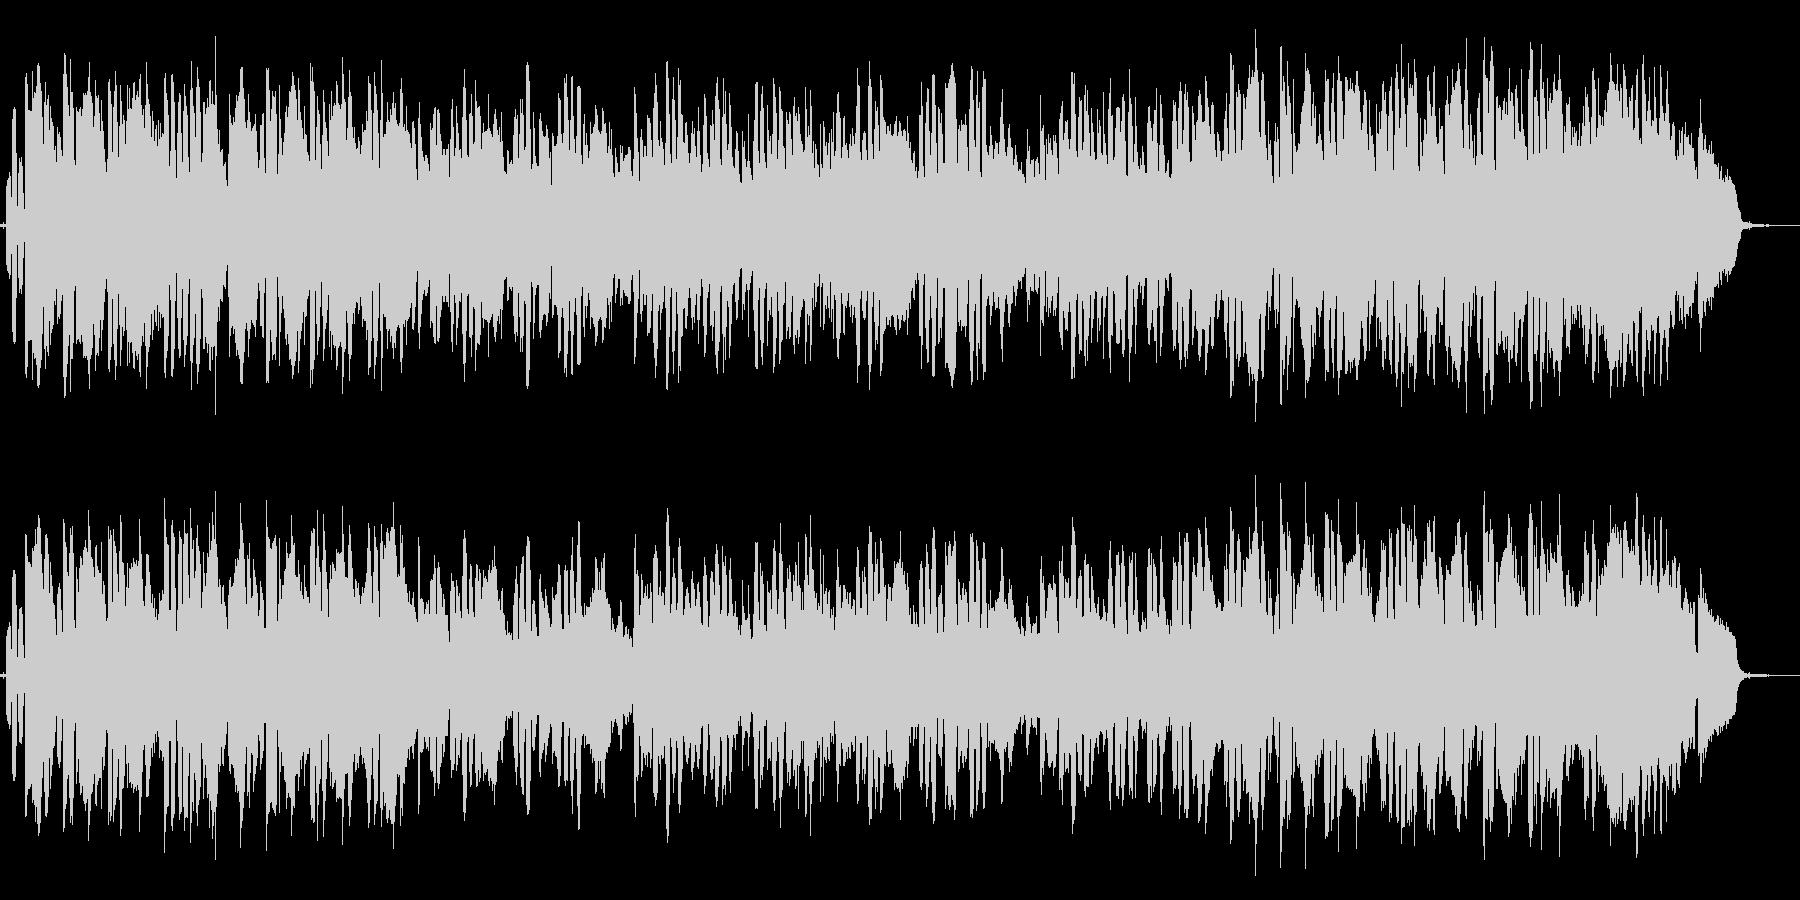 ハーモニカ生演奏哀愁漂うロックバラードの未再生の波形